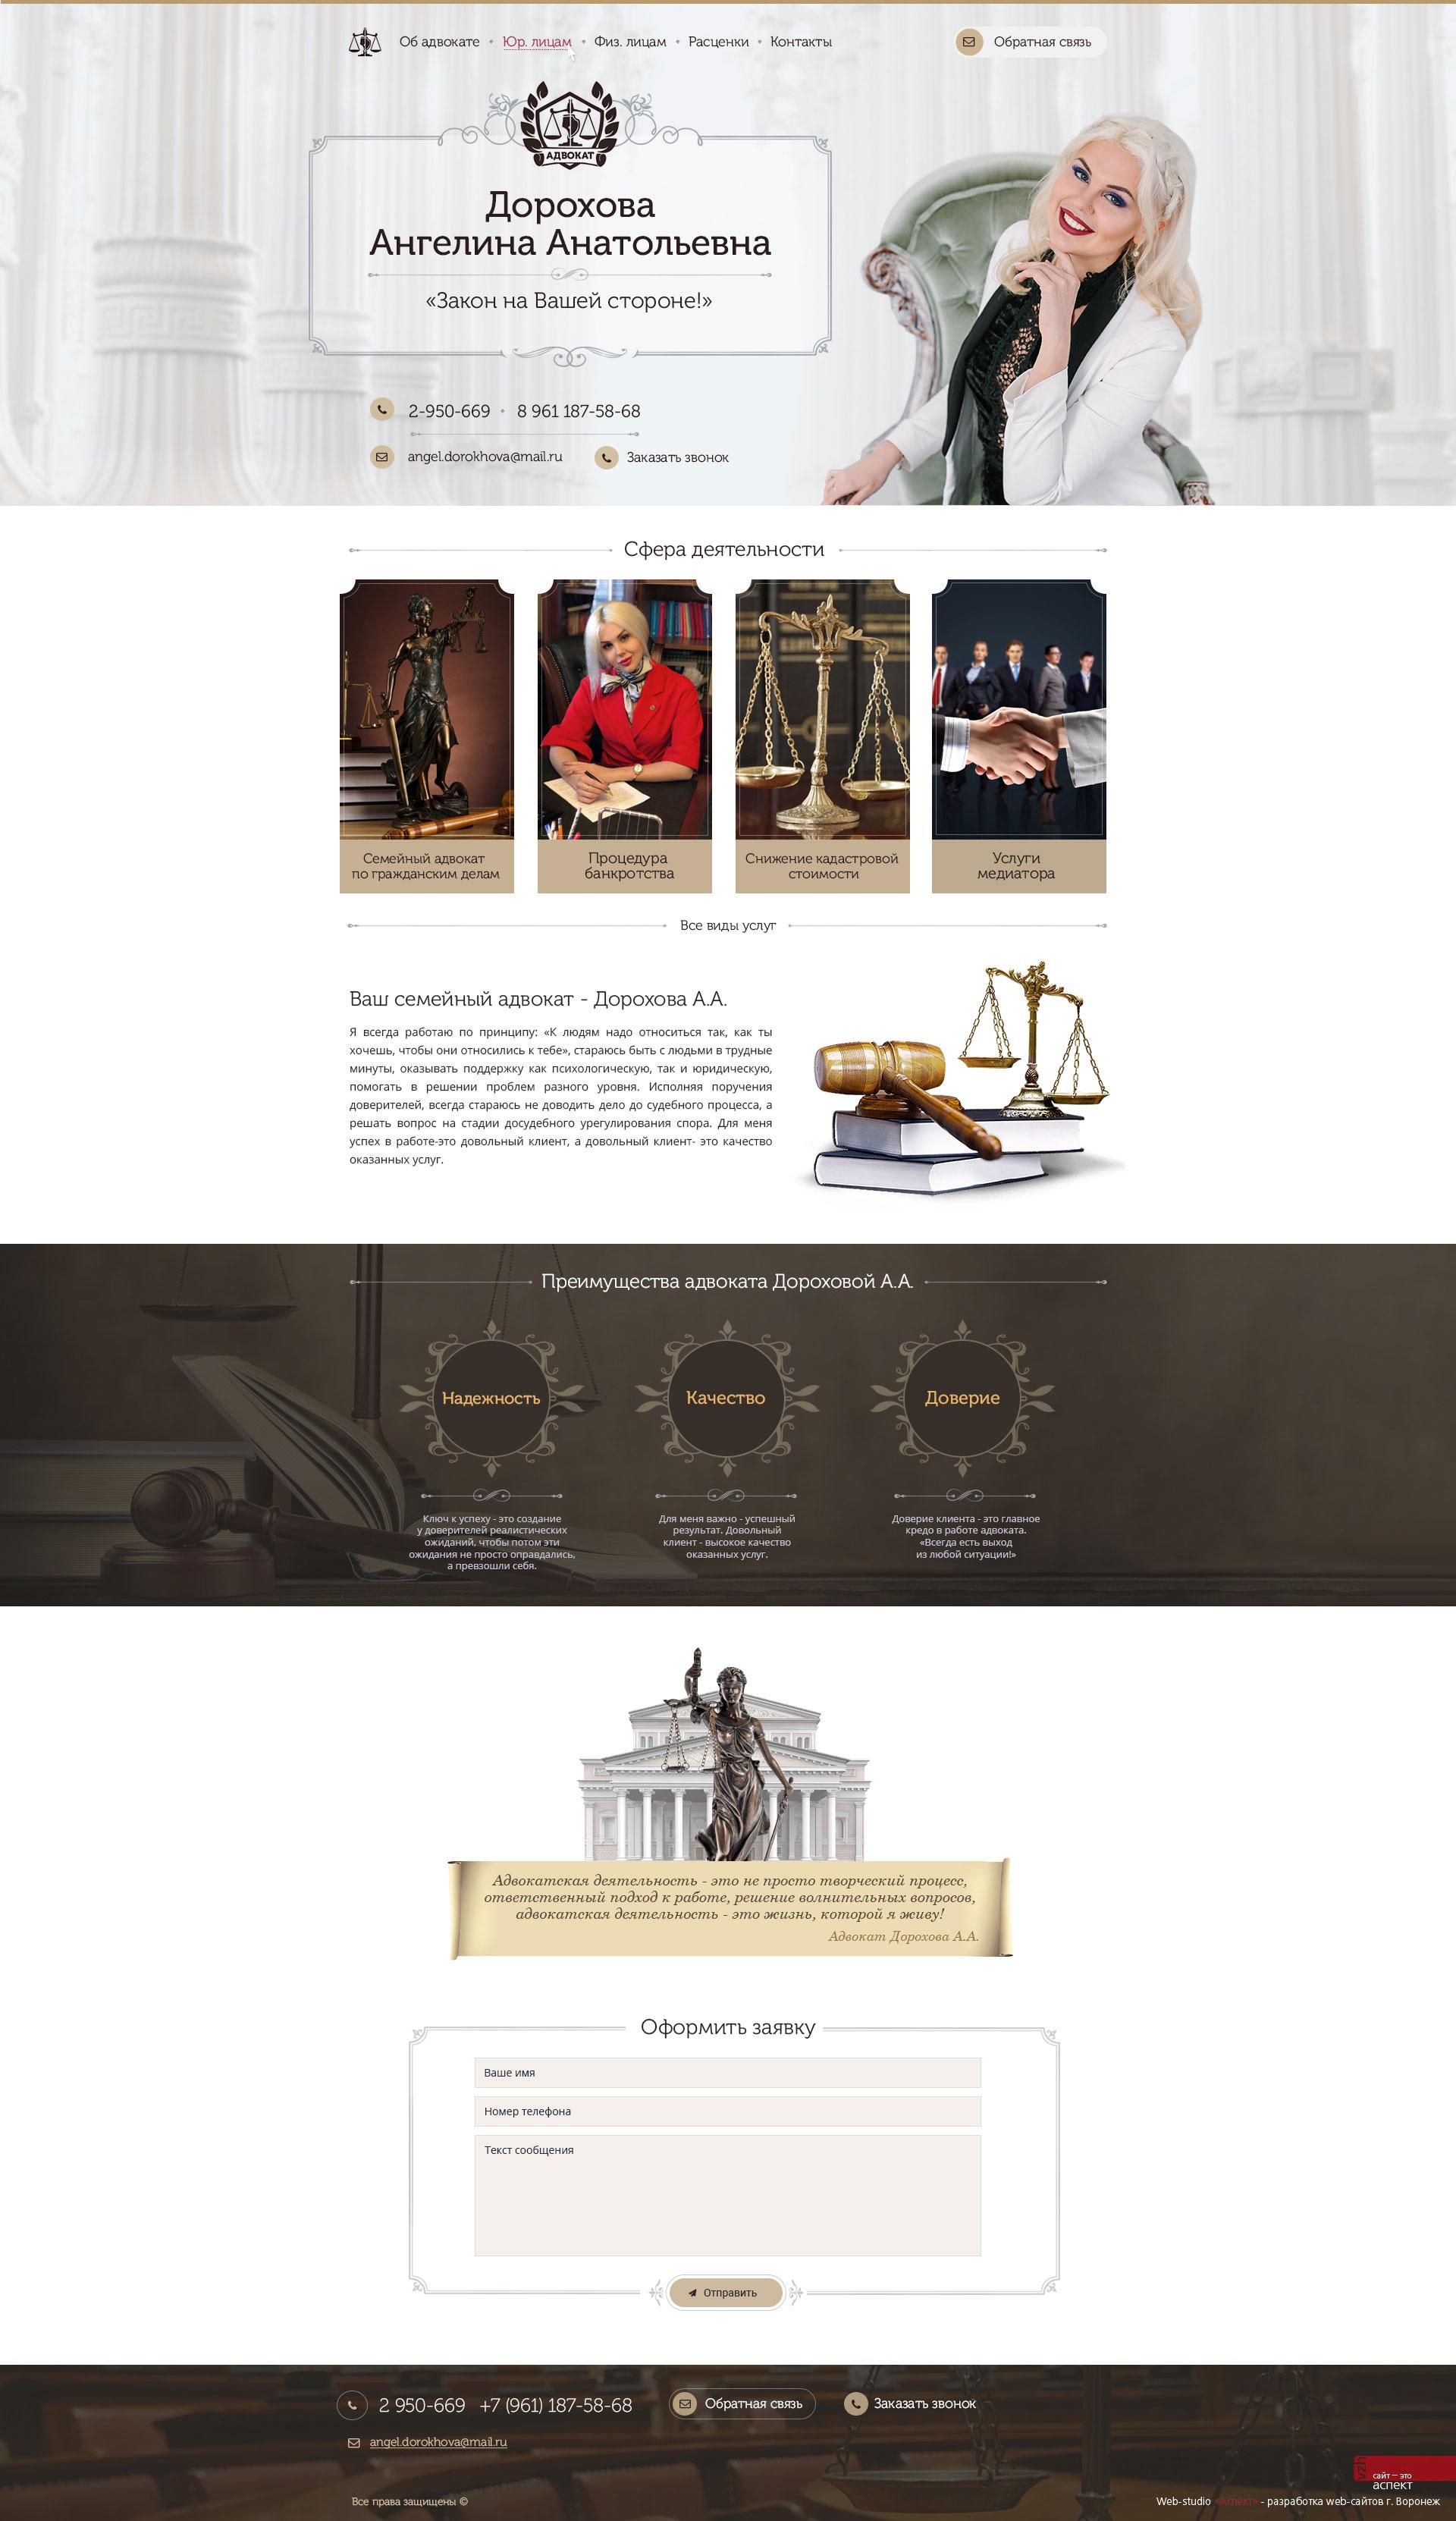 b2b сайты примеры Адвокат Дорохова 1920 px